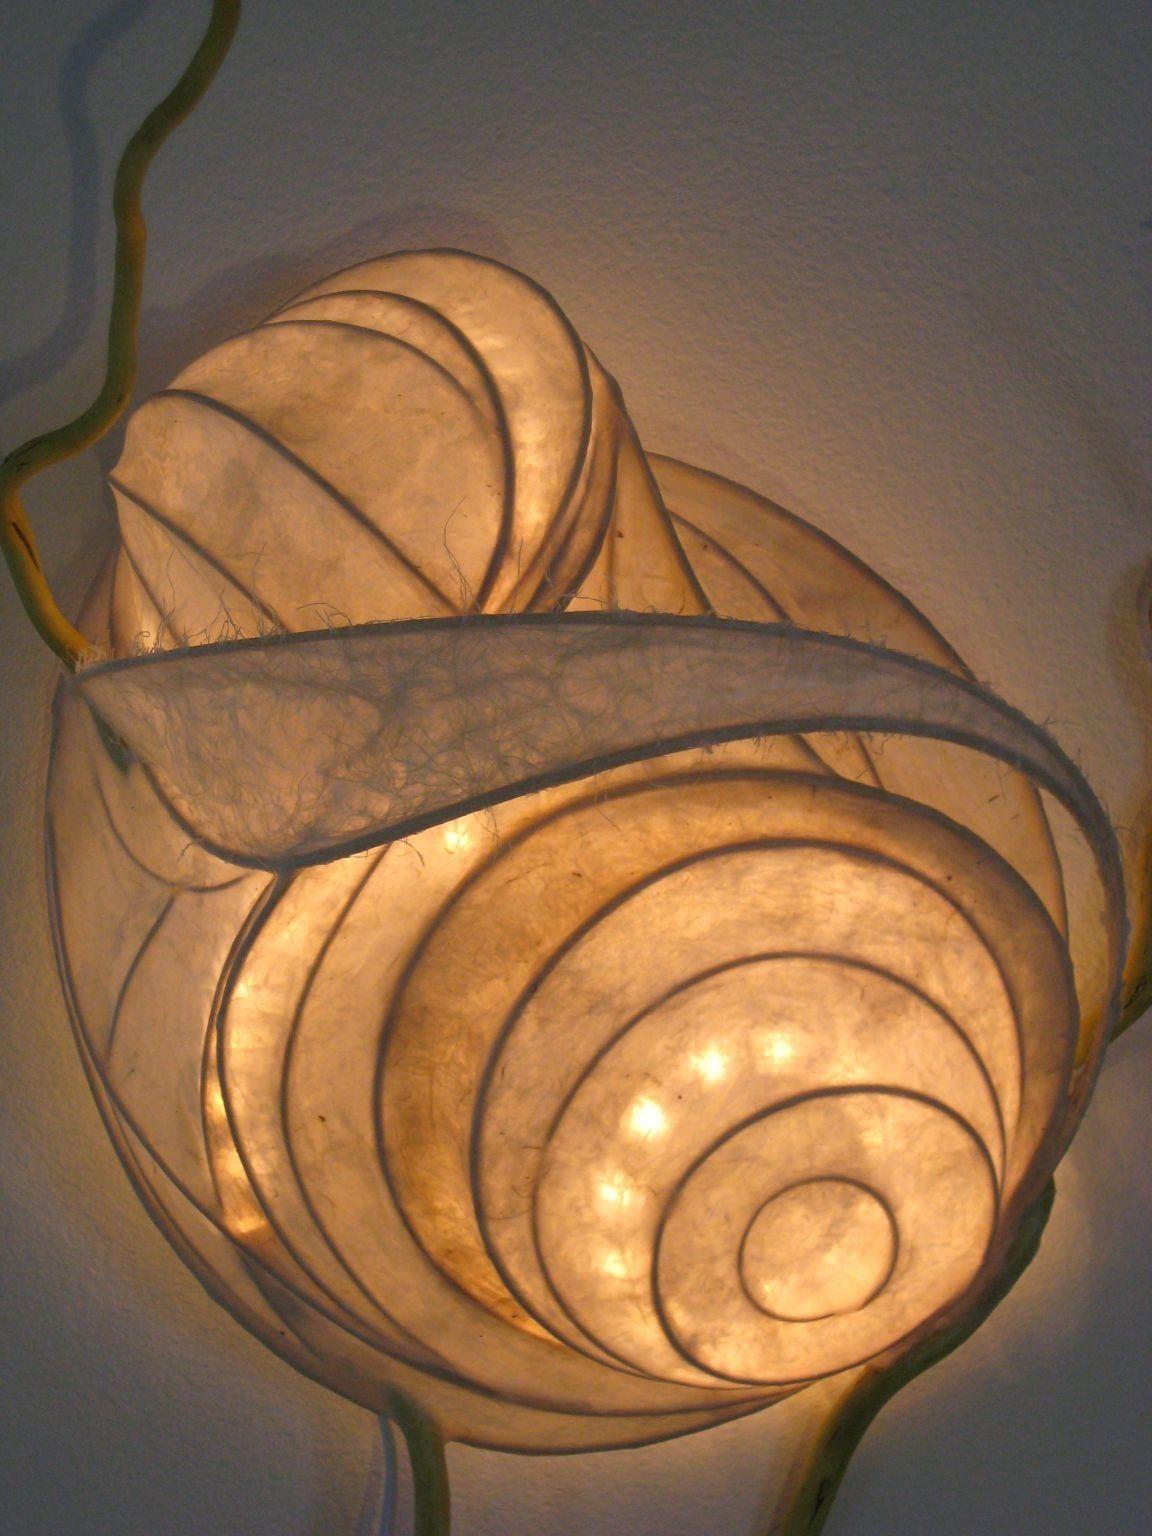 Light Sculpture Moods Of The Sky Illuminated Papier Mache Sculpture Light Art Light Sculpture Sculpture Art